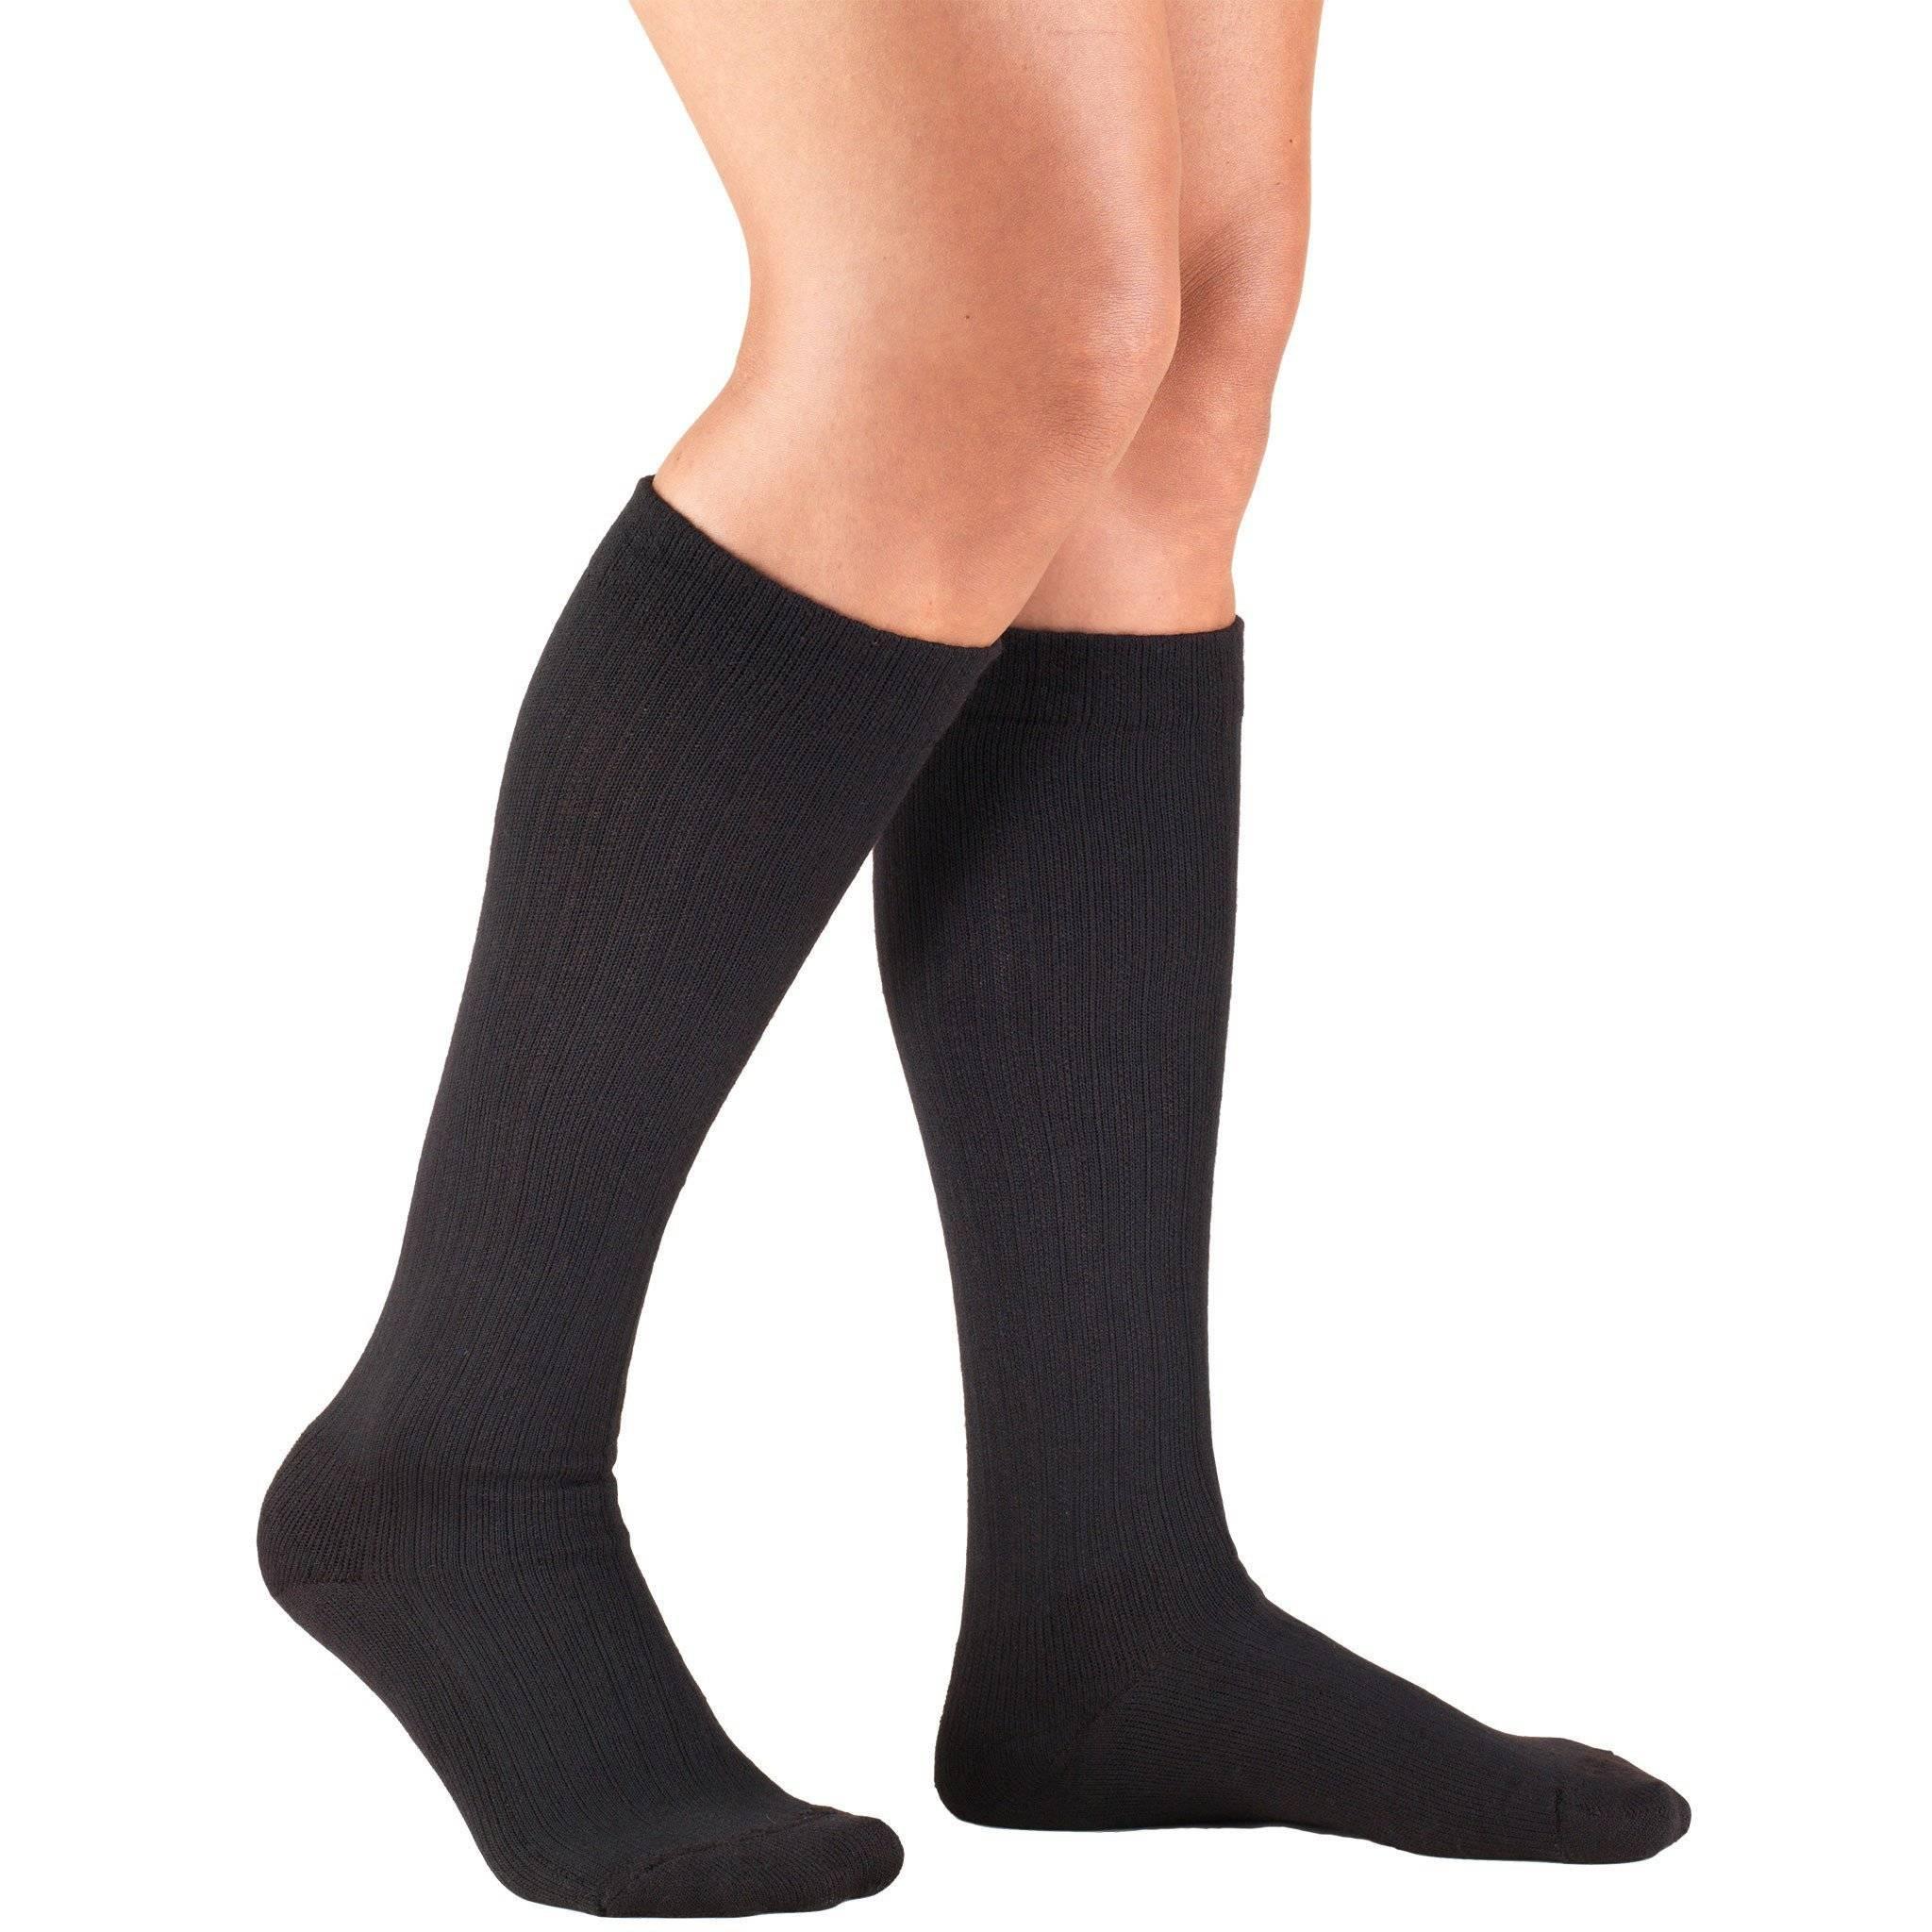 Ladies' Knee High Casual Socks